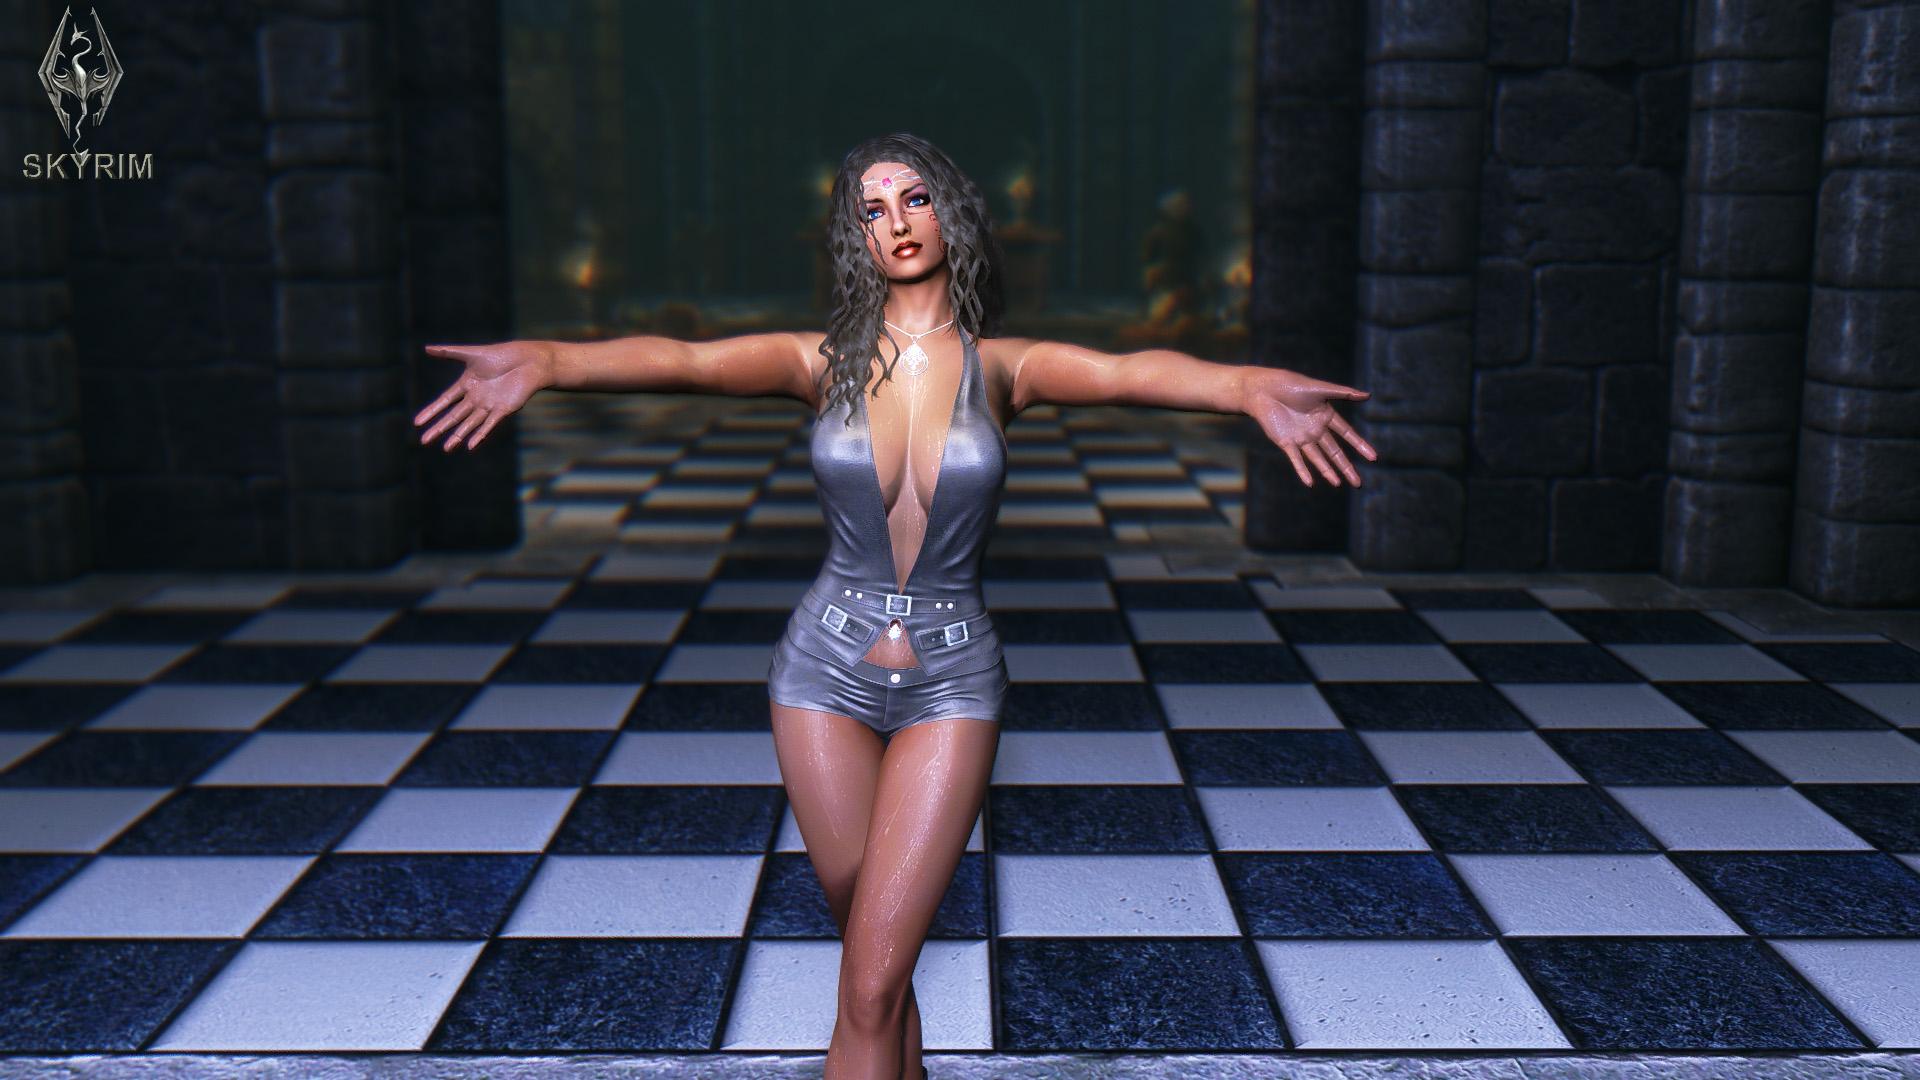 526. Добро пожаловать в Арканиум.jpg - Elder Scrolls 5: Skyrim, the CBBE, Сборка-21